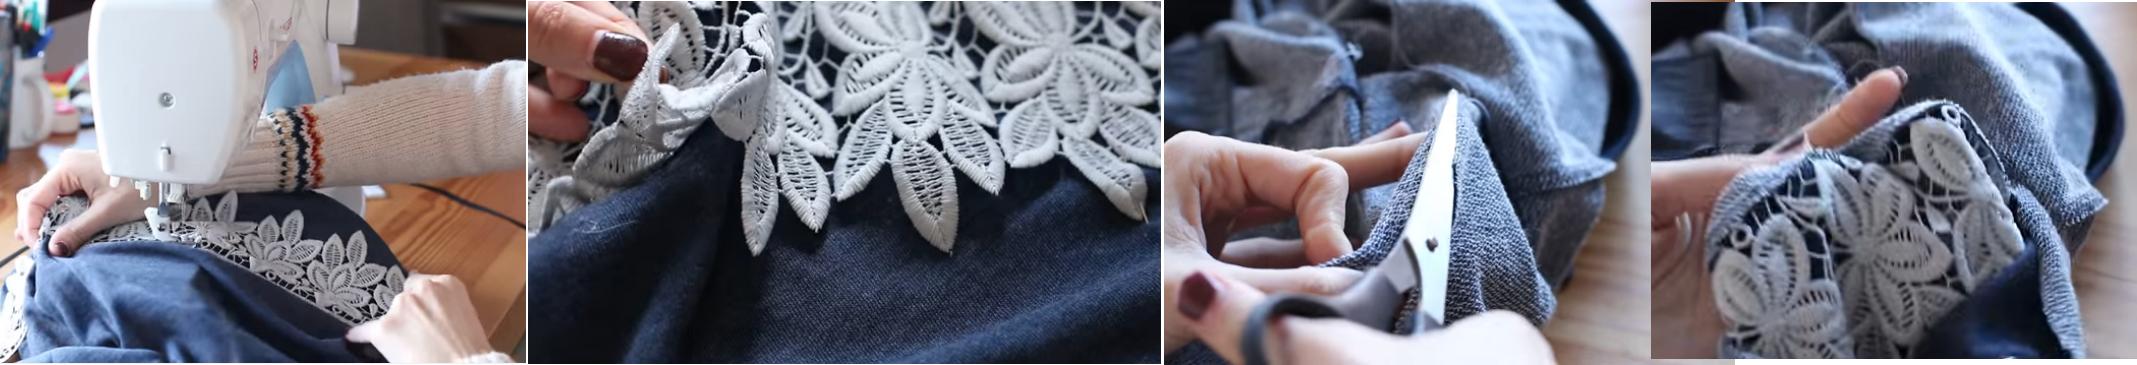 como-personalizar-sueters-y-camisetas-con-encaje4